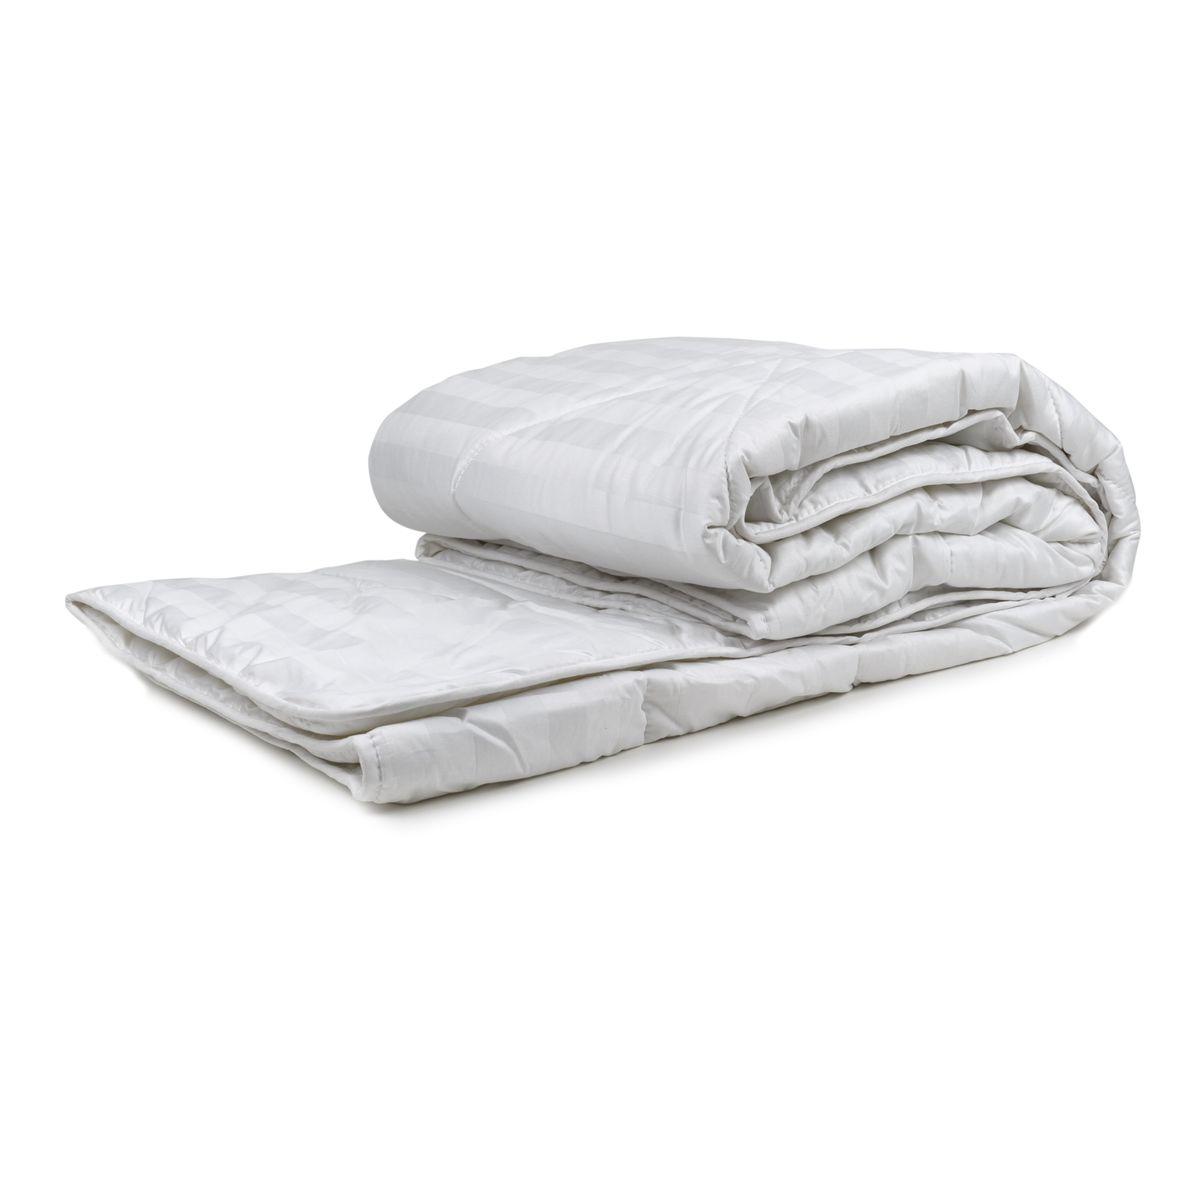 Одеяло стеганое Daily by Togas, наполнитель: шерсть, цвет: экрю, 200 х 210 см. 44.88210503Одеяло стеганое Daily by Togas мягкое и комфортное, рассчитано на сезон осень-зима. Наполнитель изготовлен из овечьей шерсти и полиэфирного волокна, такие одеяла согревают, впитывают и отводят влагу и дышат.Чехол одеяла выполнен из сатина, мягкого и шелковистого хлопкового материала. Это одеяло может стать нужным приобретением для дома или хорошим подарком на любое торжество.